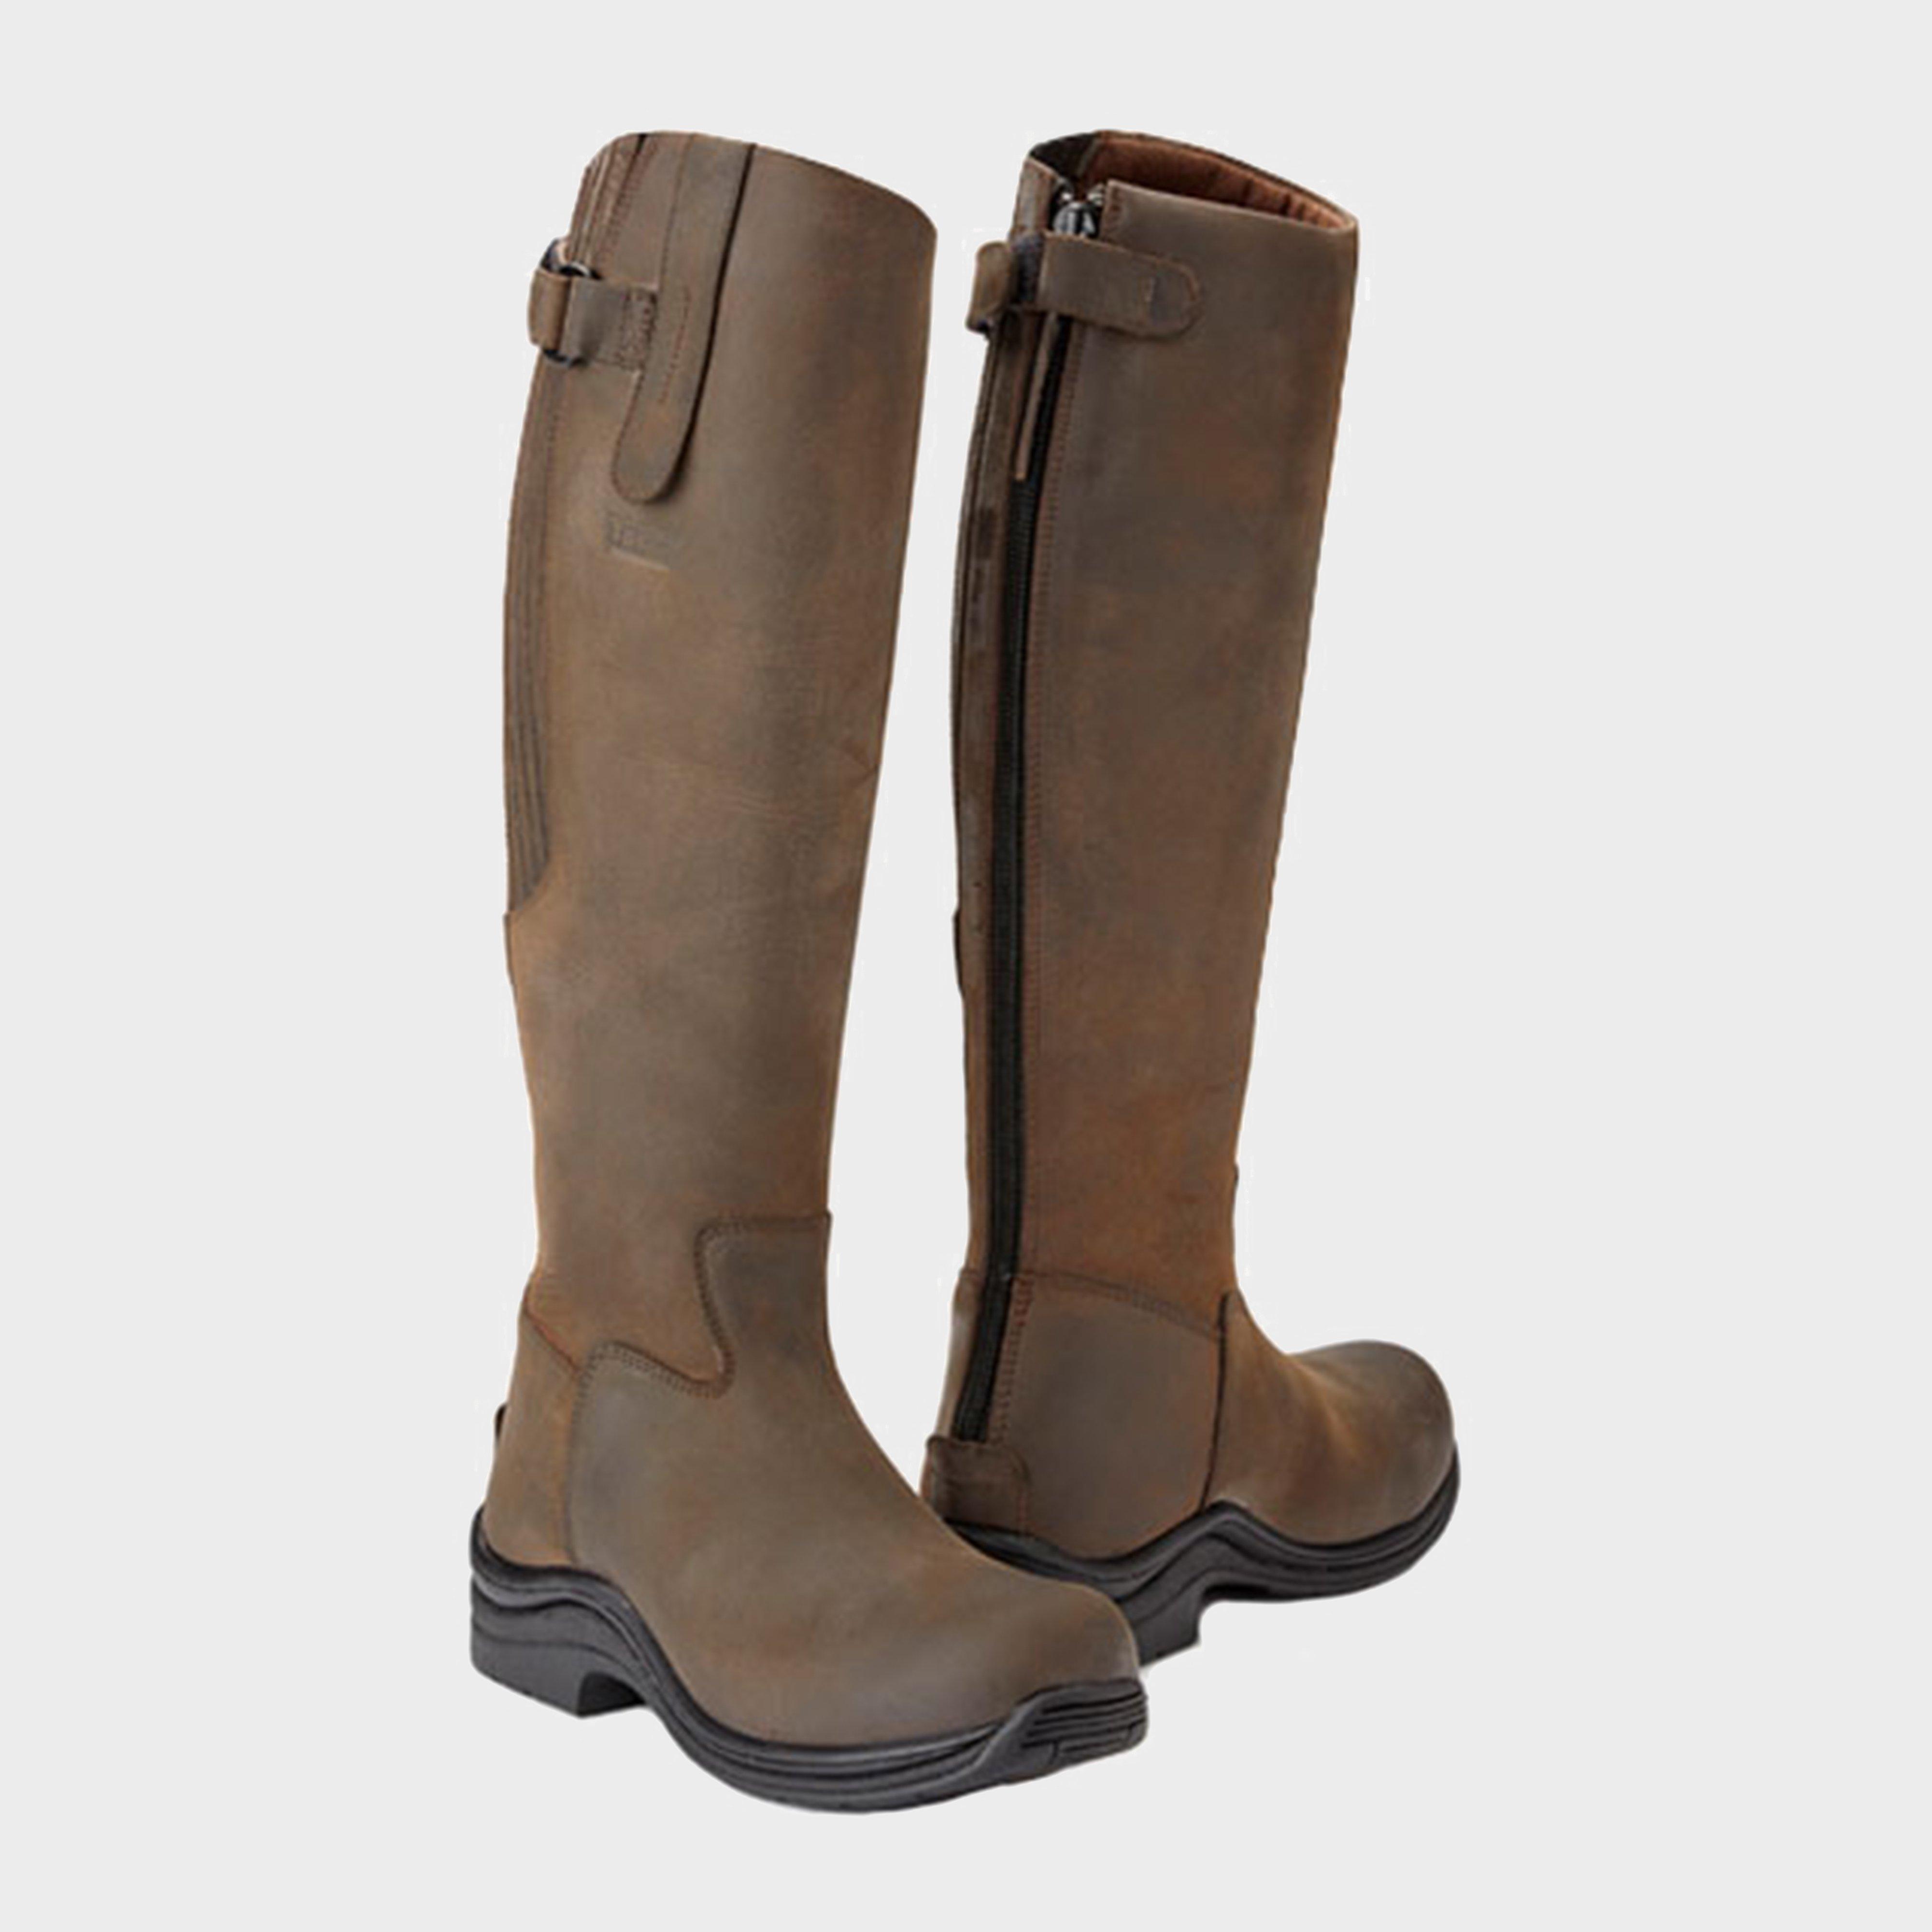 Image of Toggi Calgary Yard Boot - Long/Long, LONG/LONG